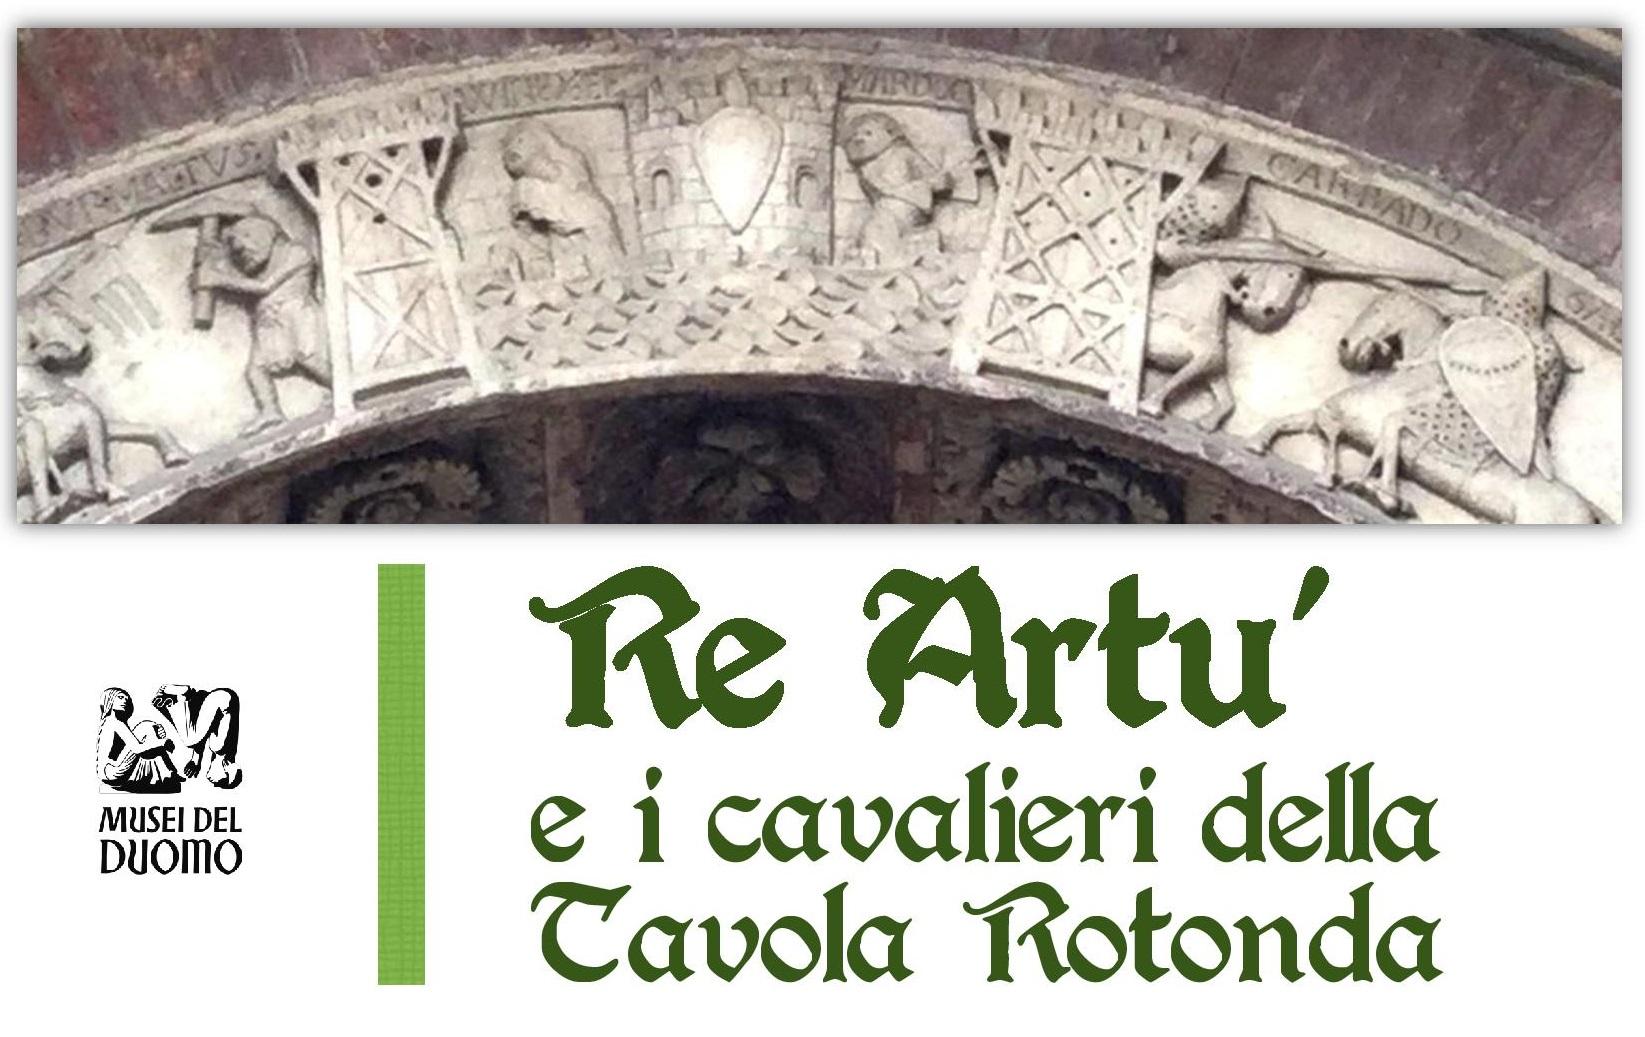 Archivio attivit per bambini archivi musei del duomo di modena - Re artu ei cavalieri della tavola rotonda ...